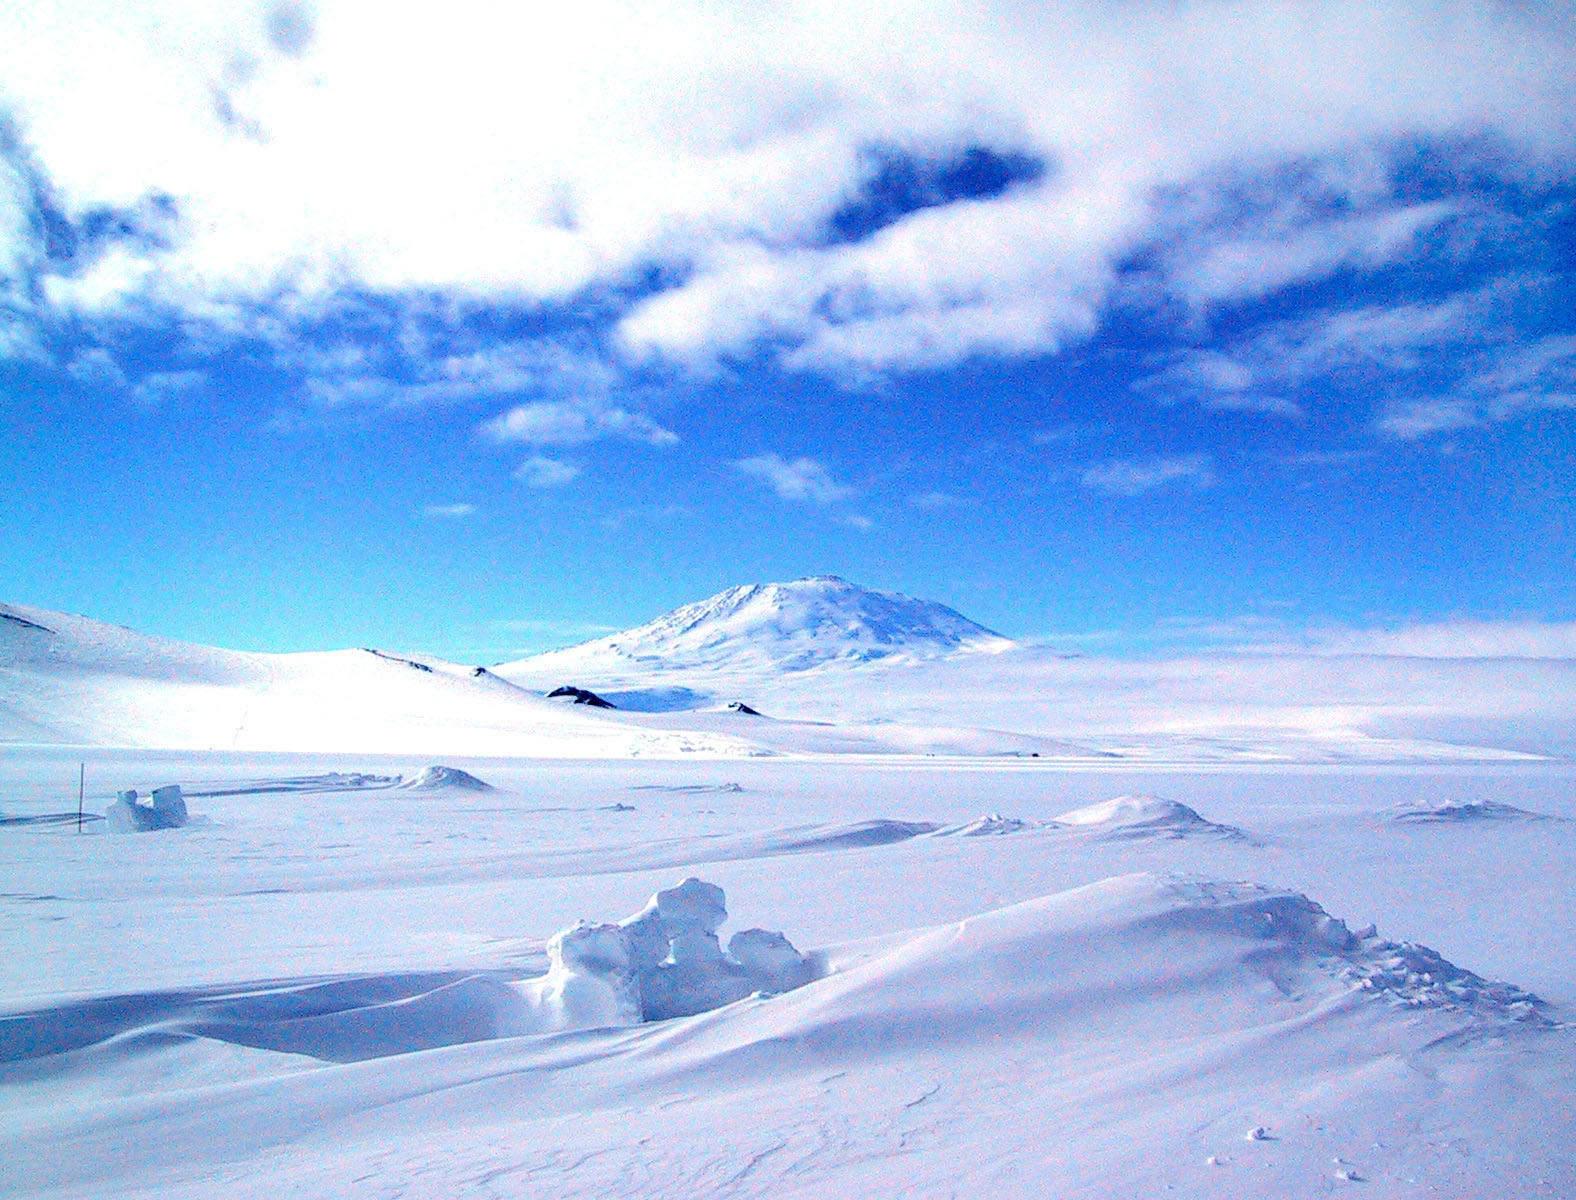 erebus 南極で観測史上最低の気温が観測される!なんとマイナス93度!